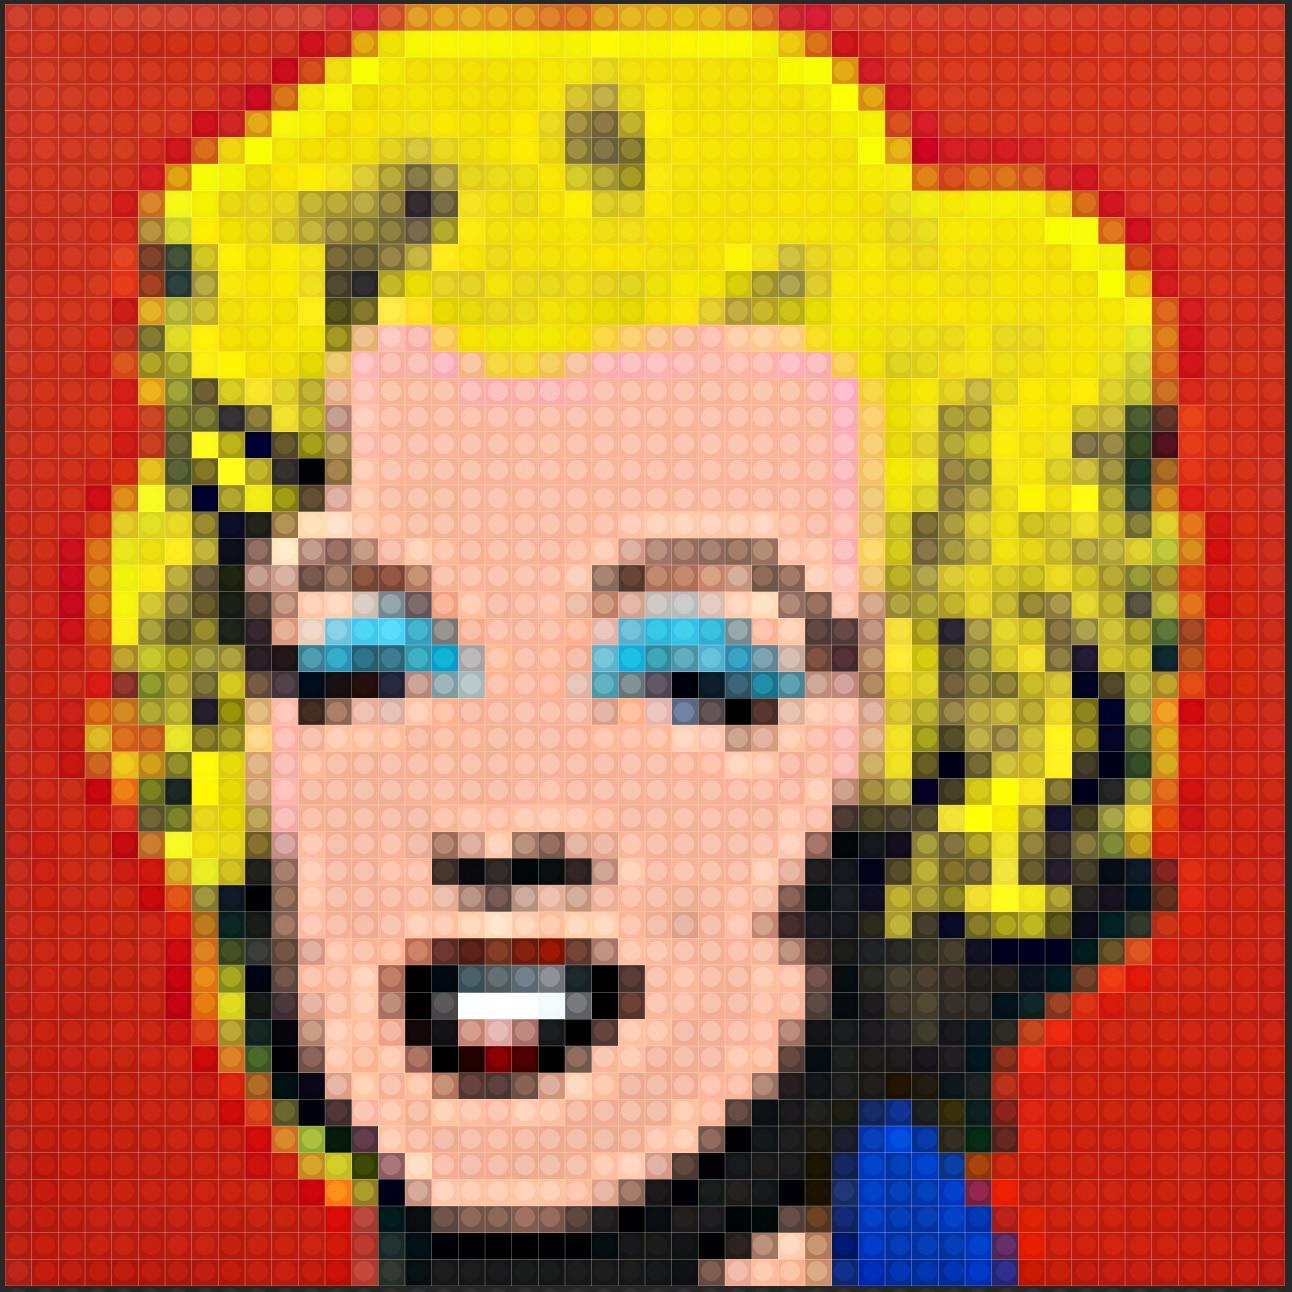 Marilyn Monroe in 48x48 Pixeln